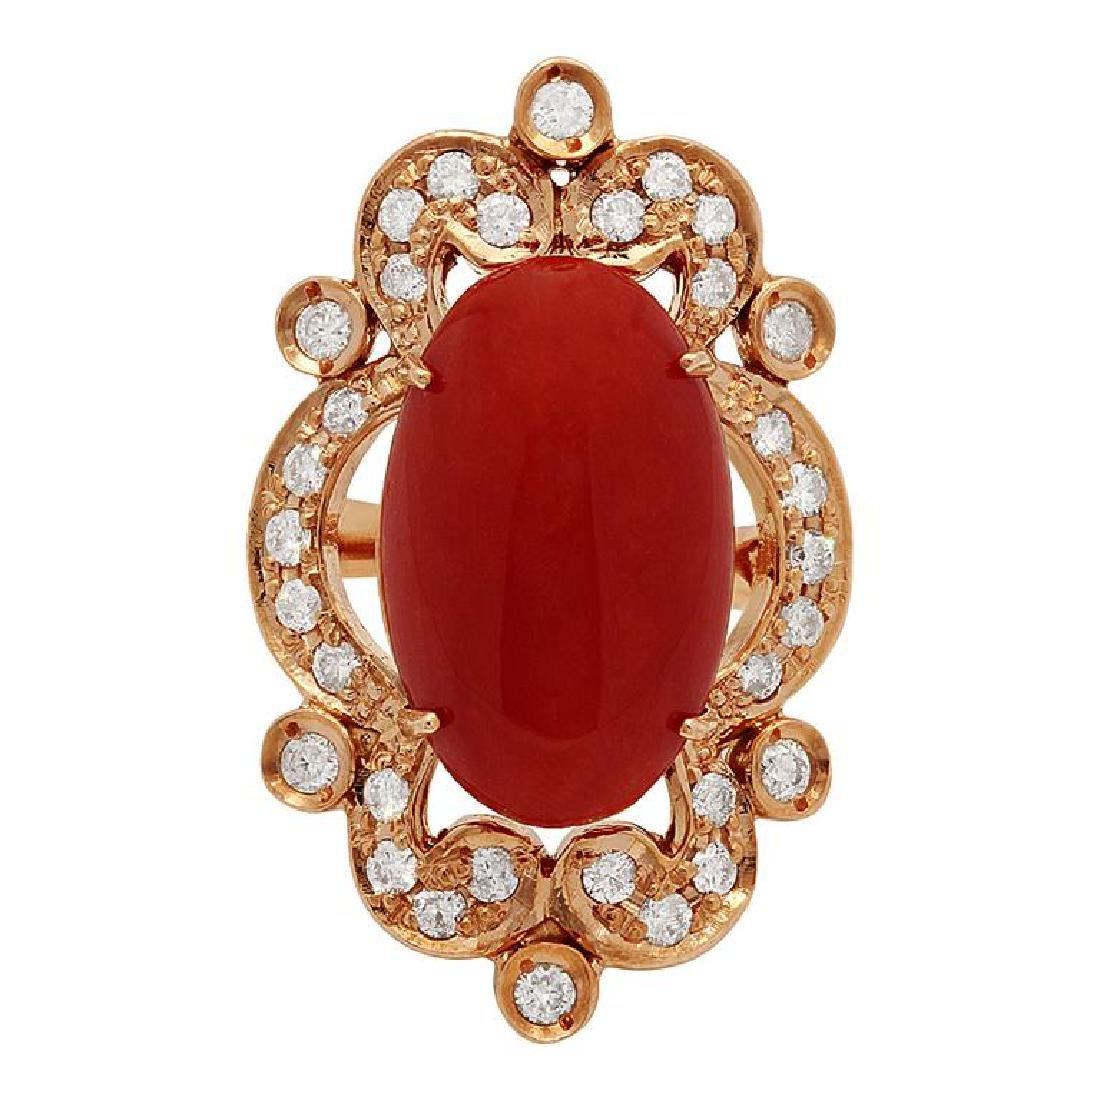 14k Rose Gold 9.64ct Coral 1.22ct Diamond Ring - 3